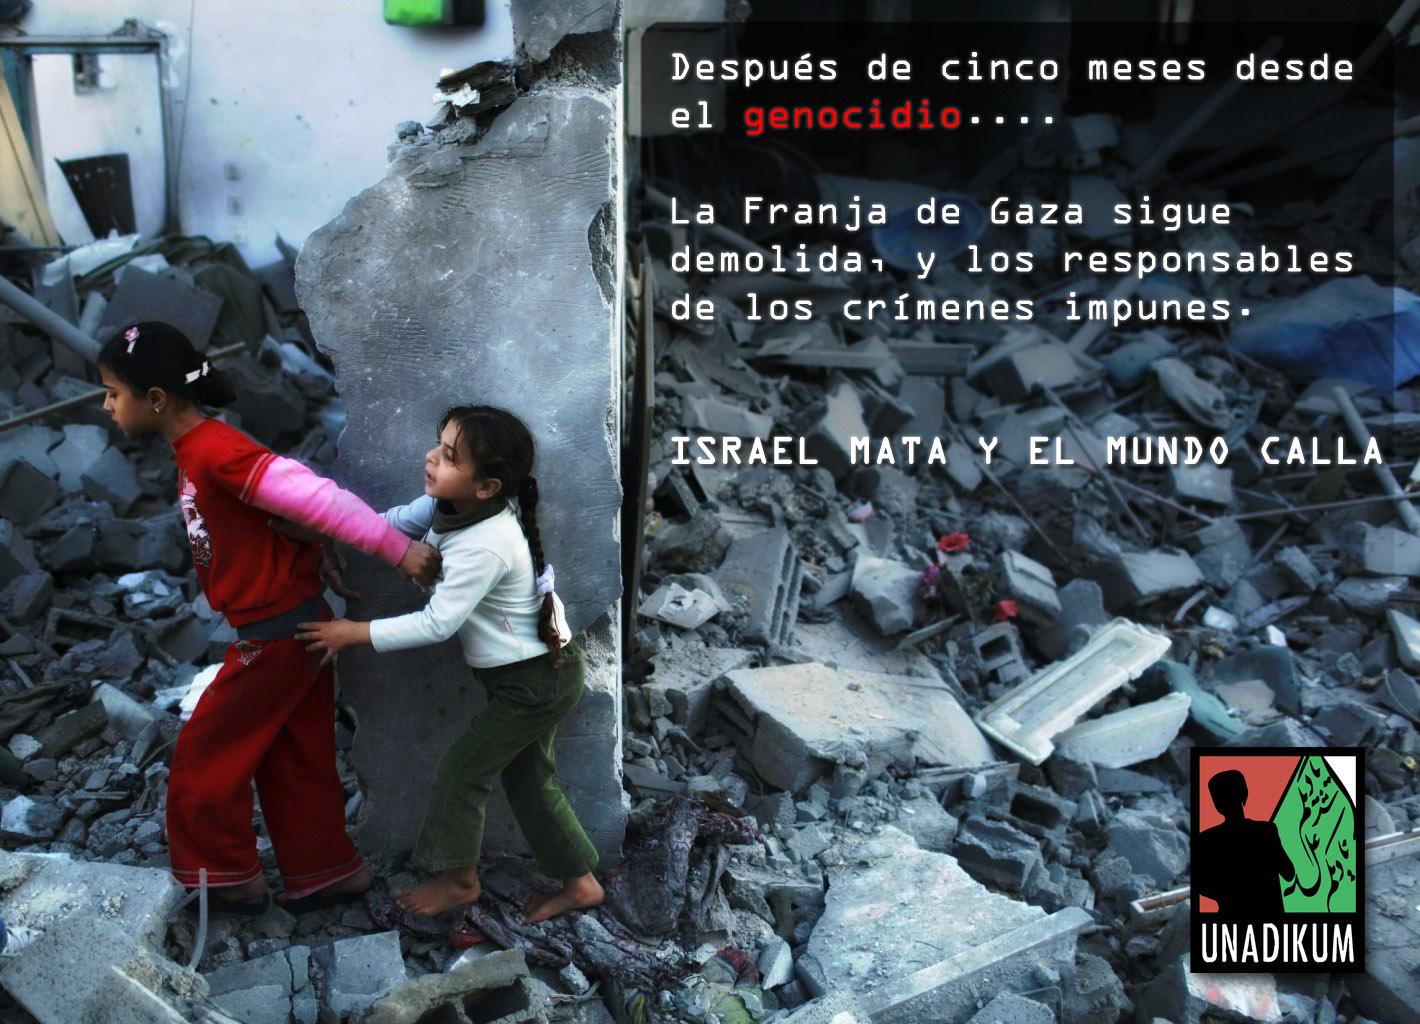 Gaza demolida